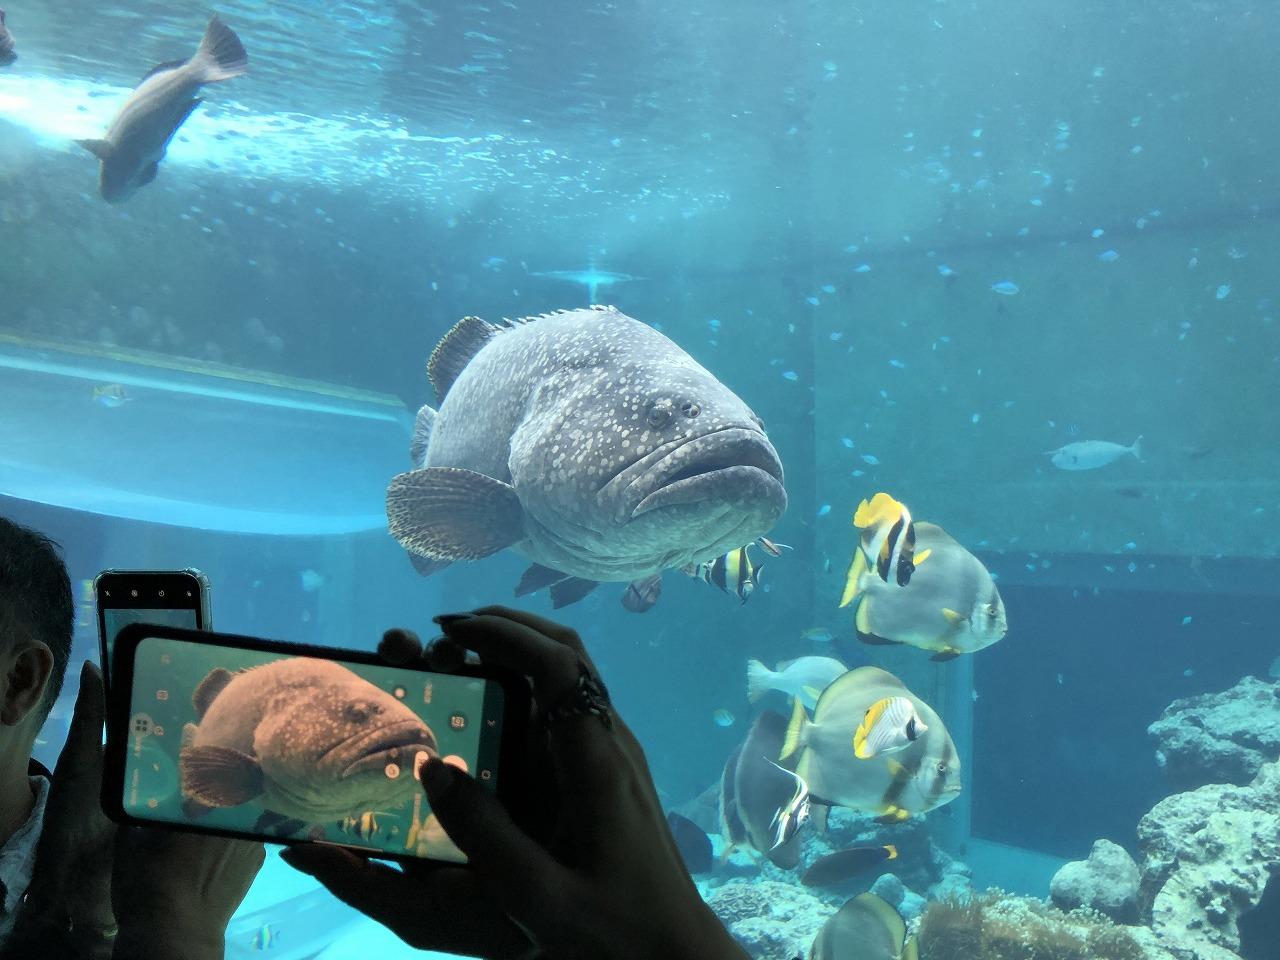 美ら海水族館の混雑を伝える写真